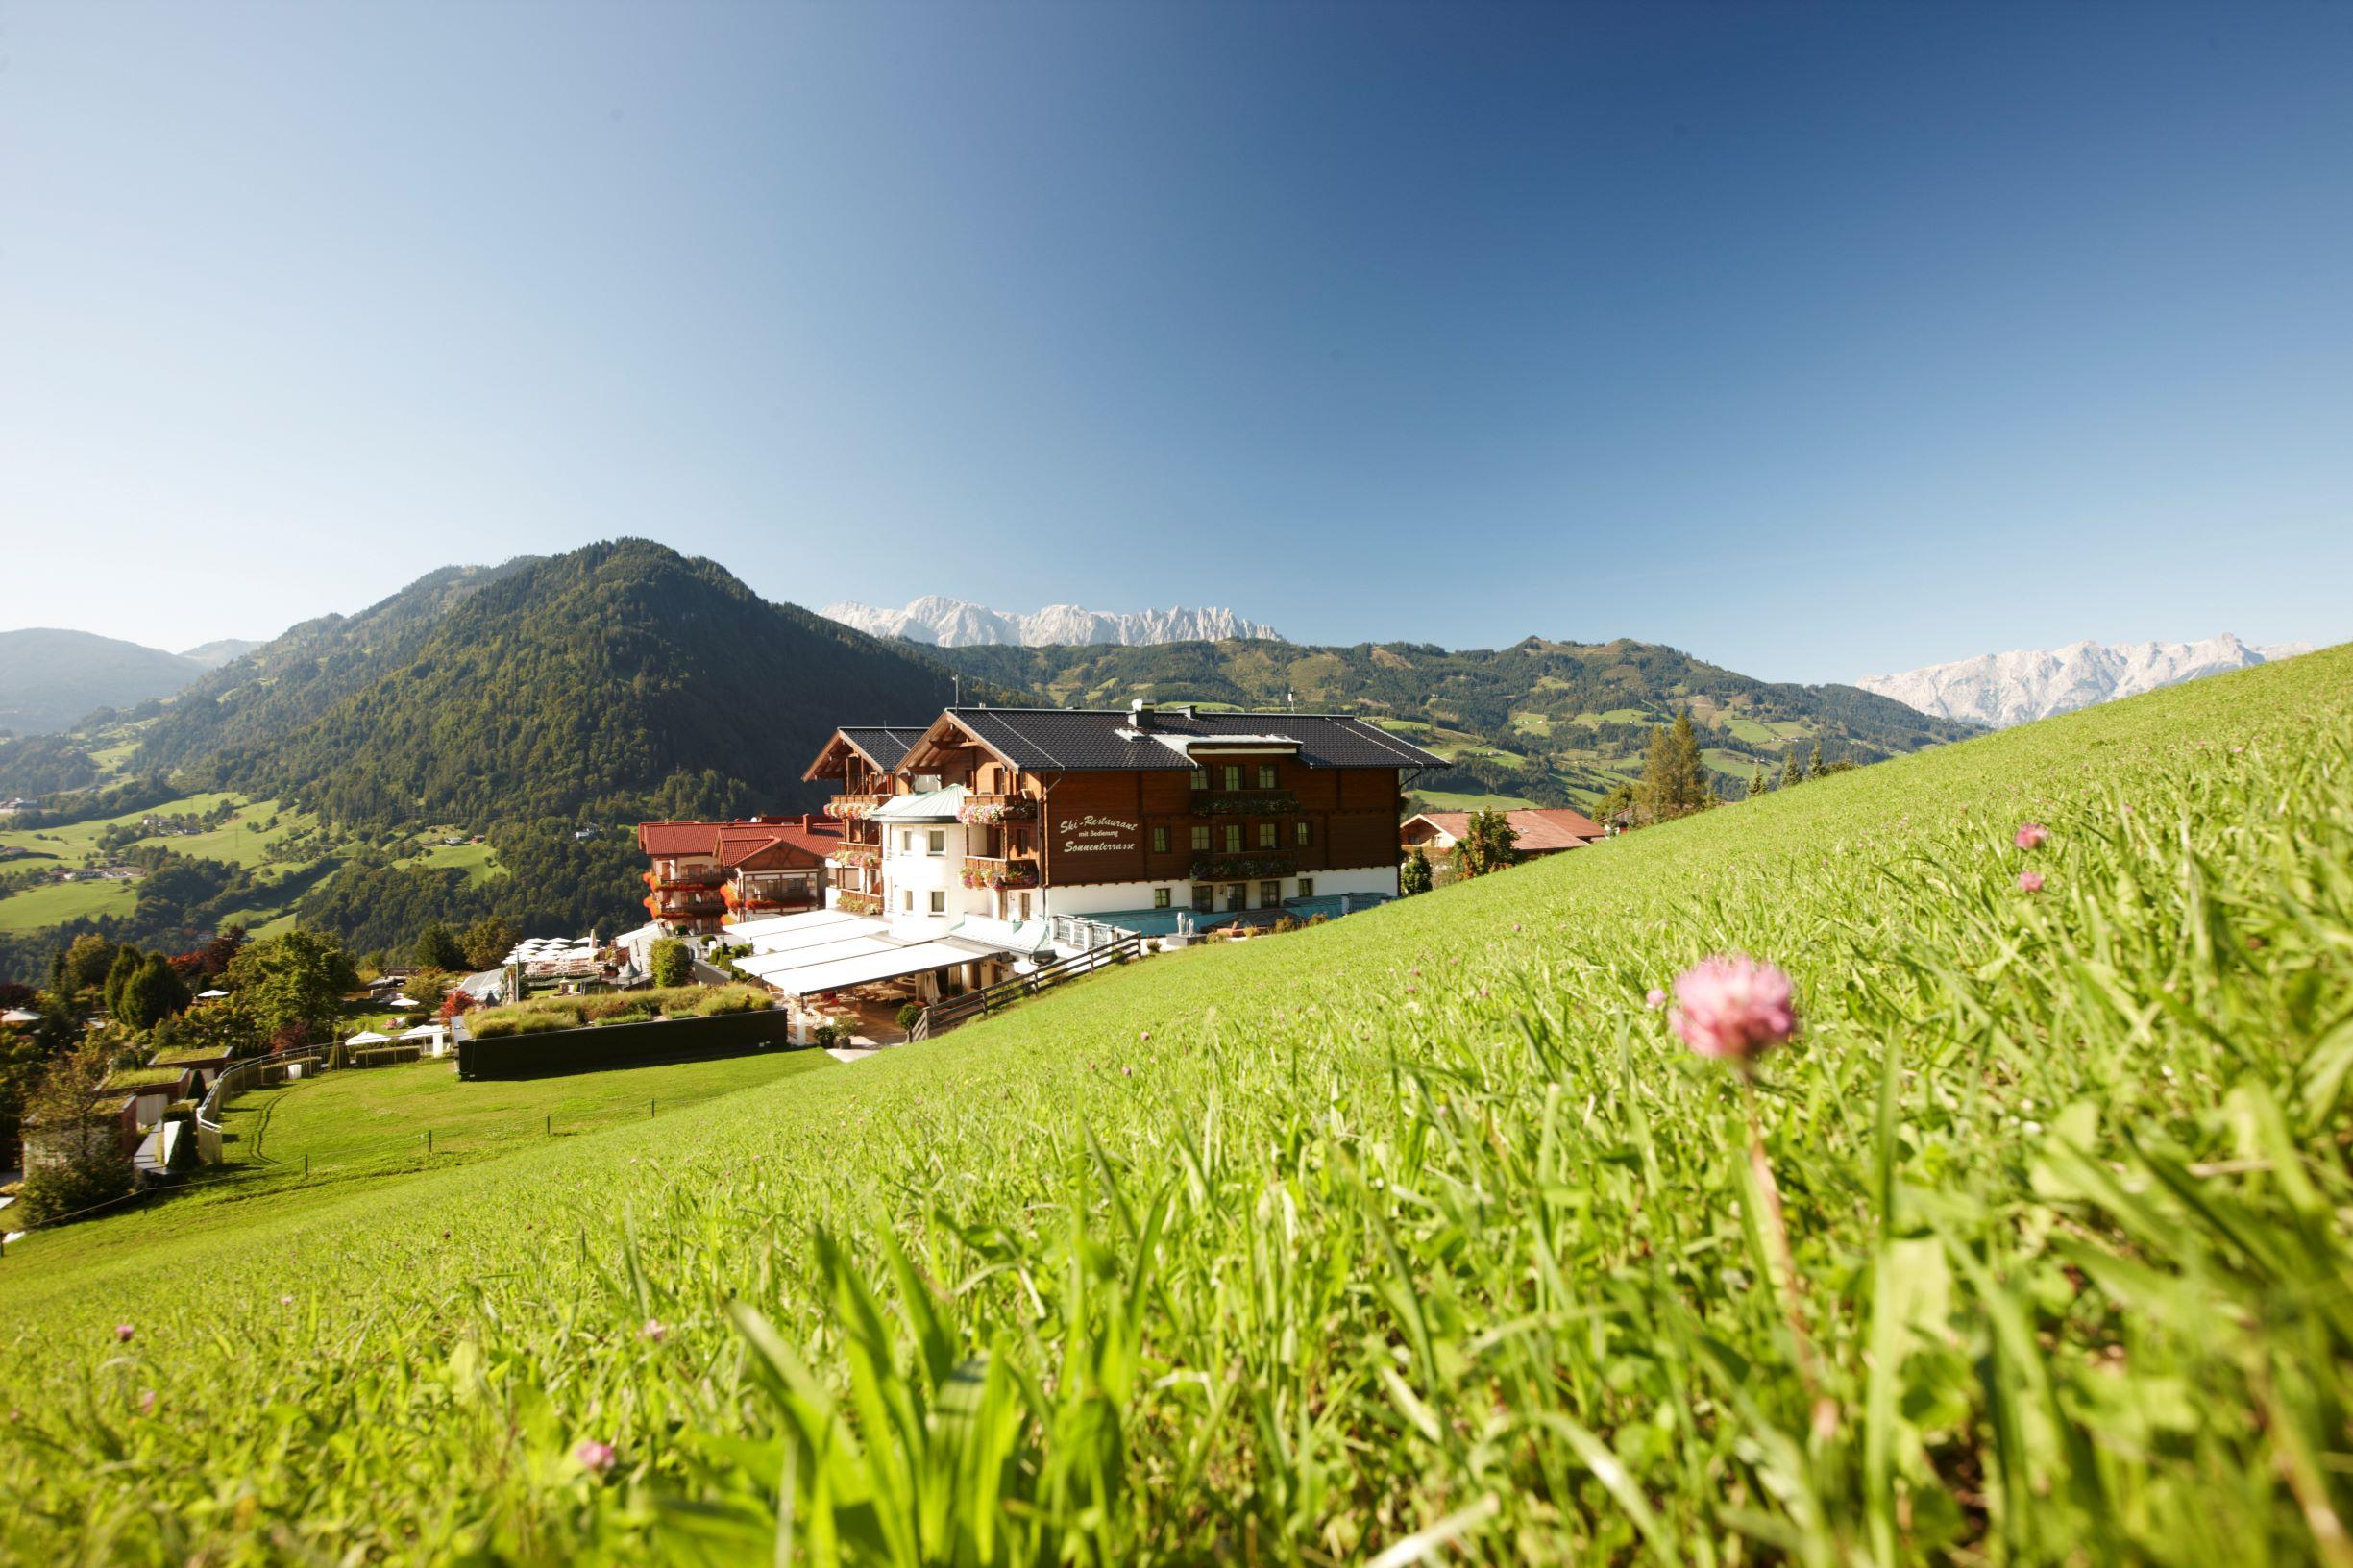 Sonnhof Alpendorf Wellnesshotel in Österreich Blick von oben